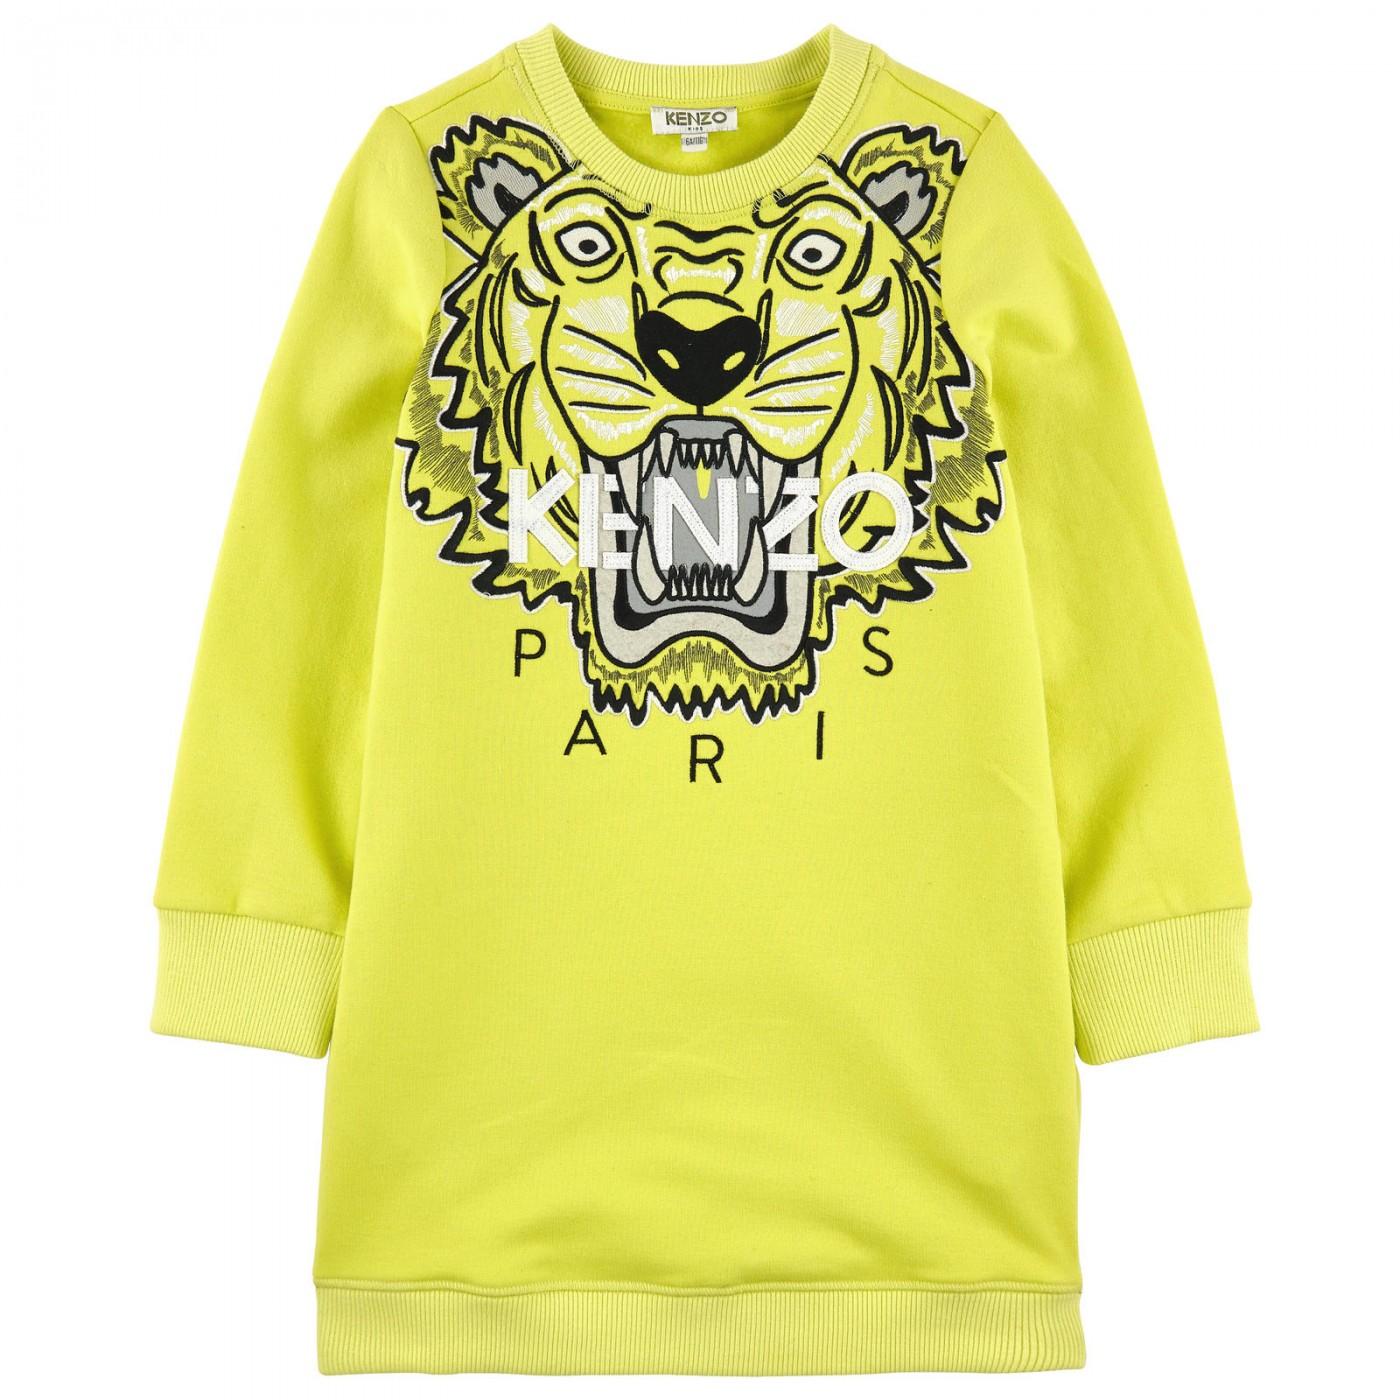 Платье c тигром Kenzo KG30165-73